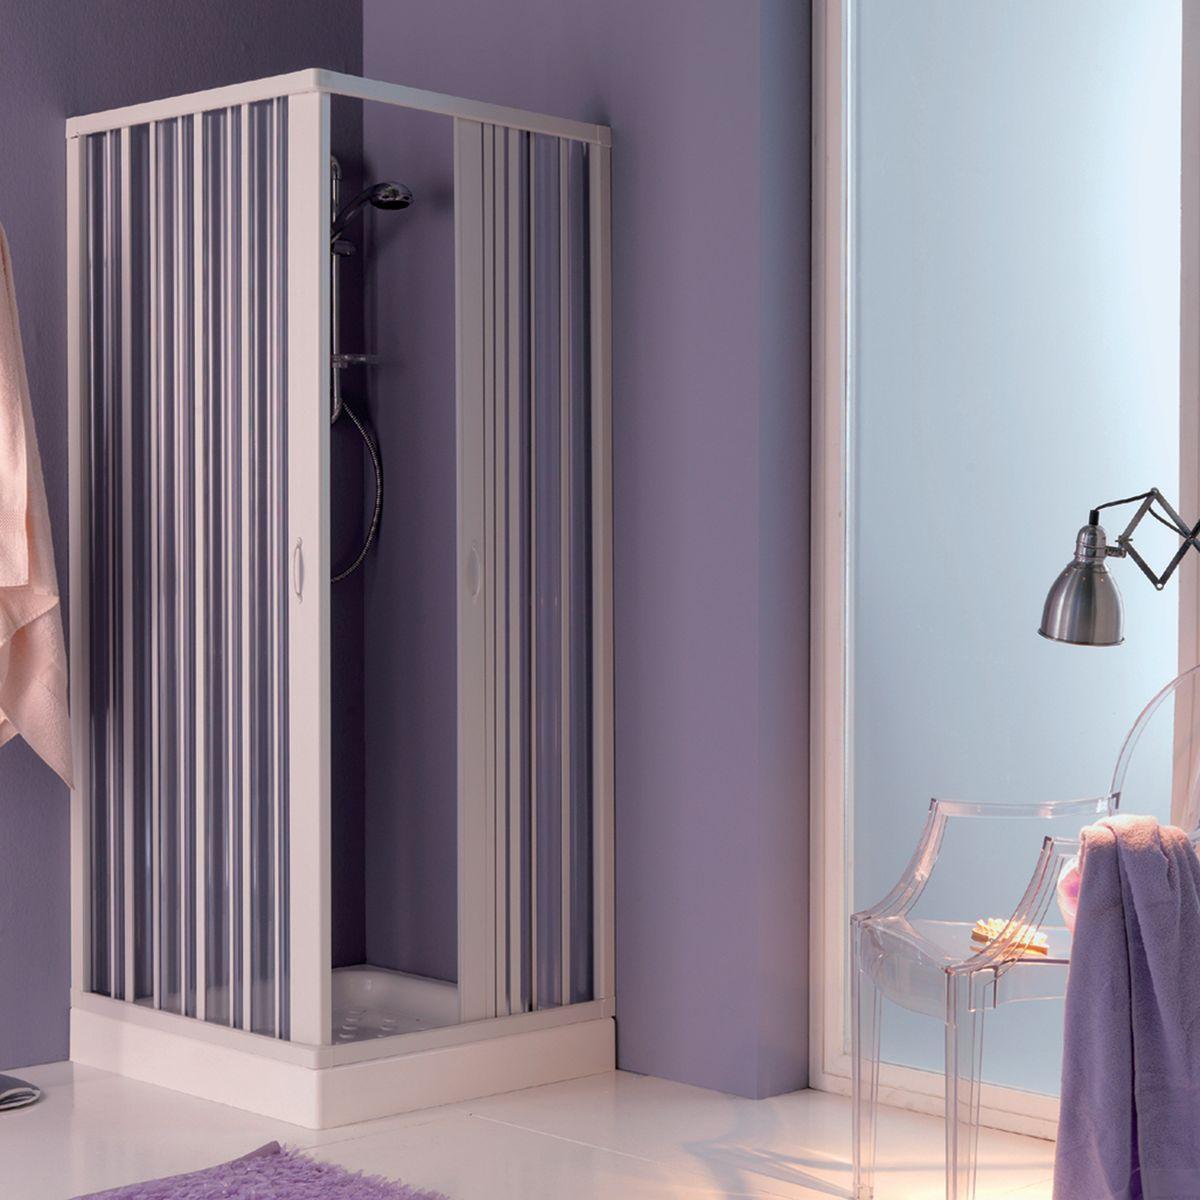 Leroy merlin porte a soffietto porta doccia a soffietto - Box doccia con tenda ...